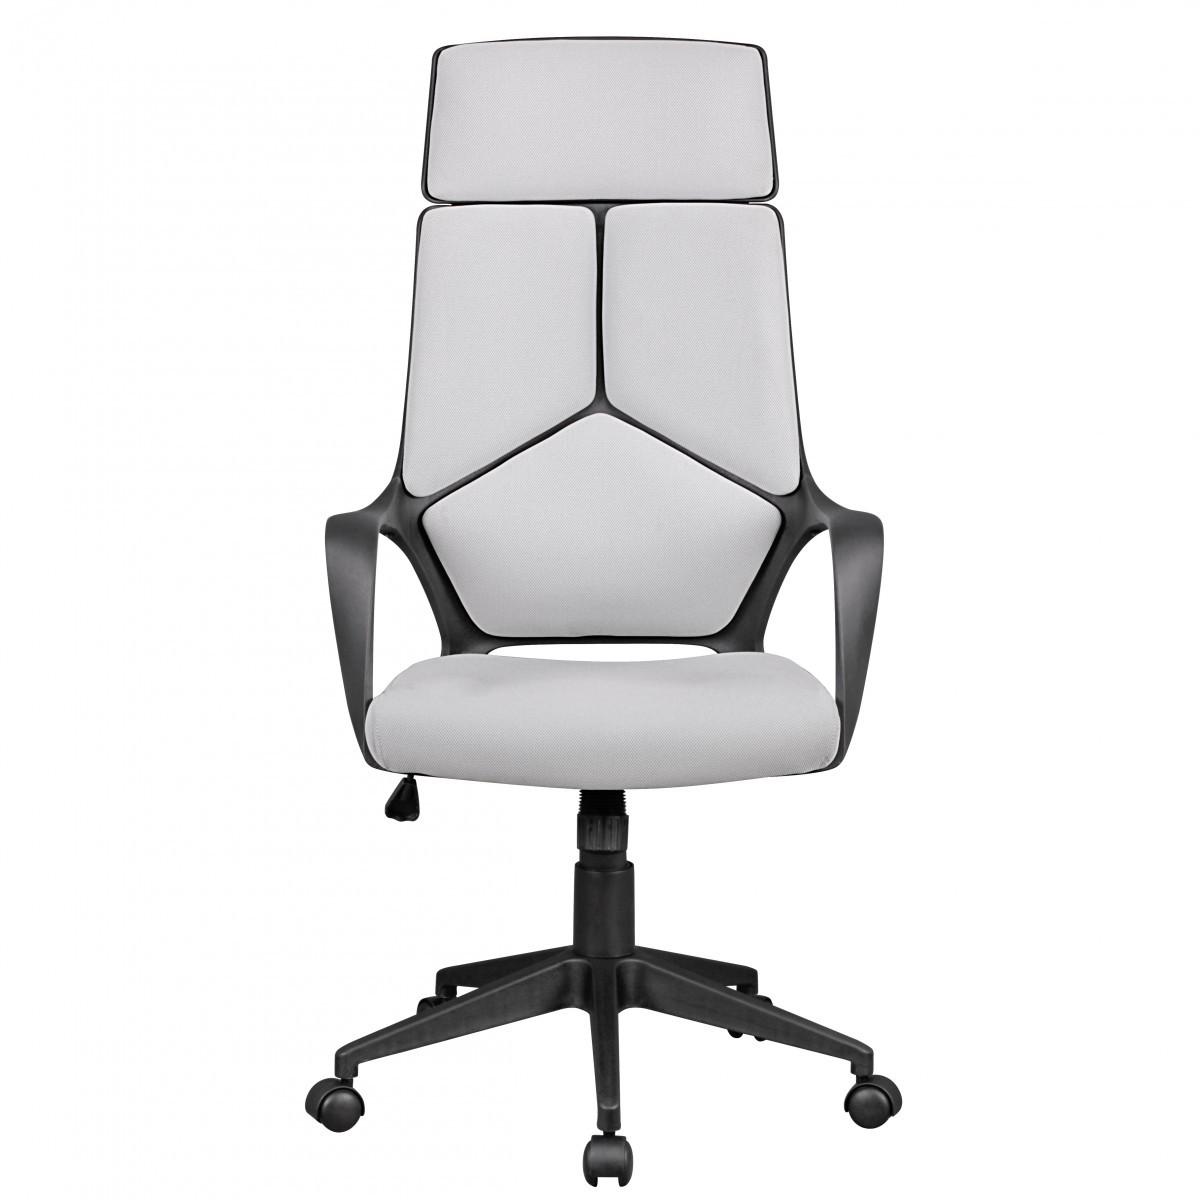 Design schreibtischstuhl  FineBuy Bürostuhl TECHBOY Stoffbezug Schreibtischstuhl Design ...